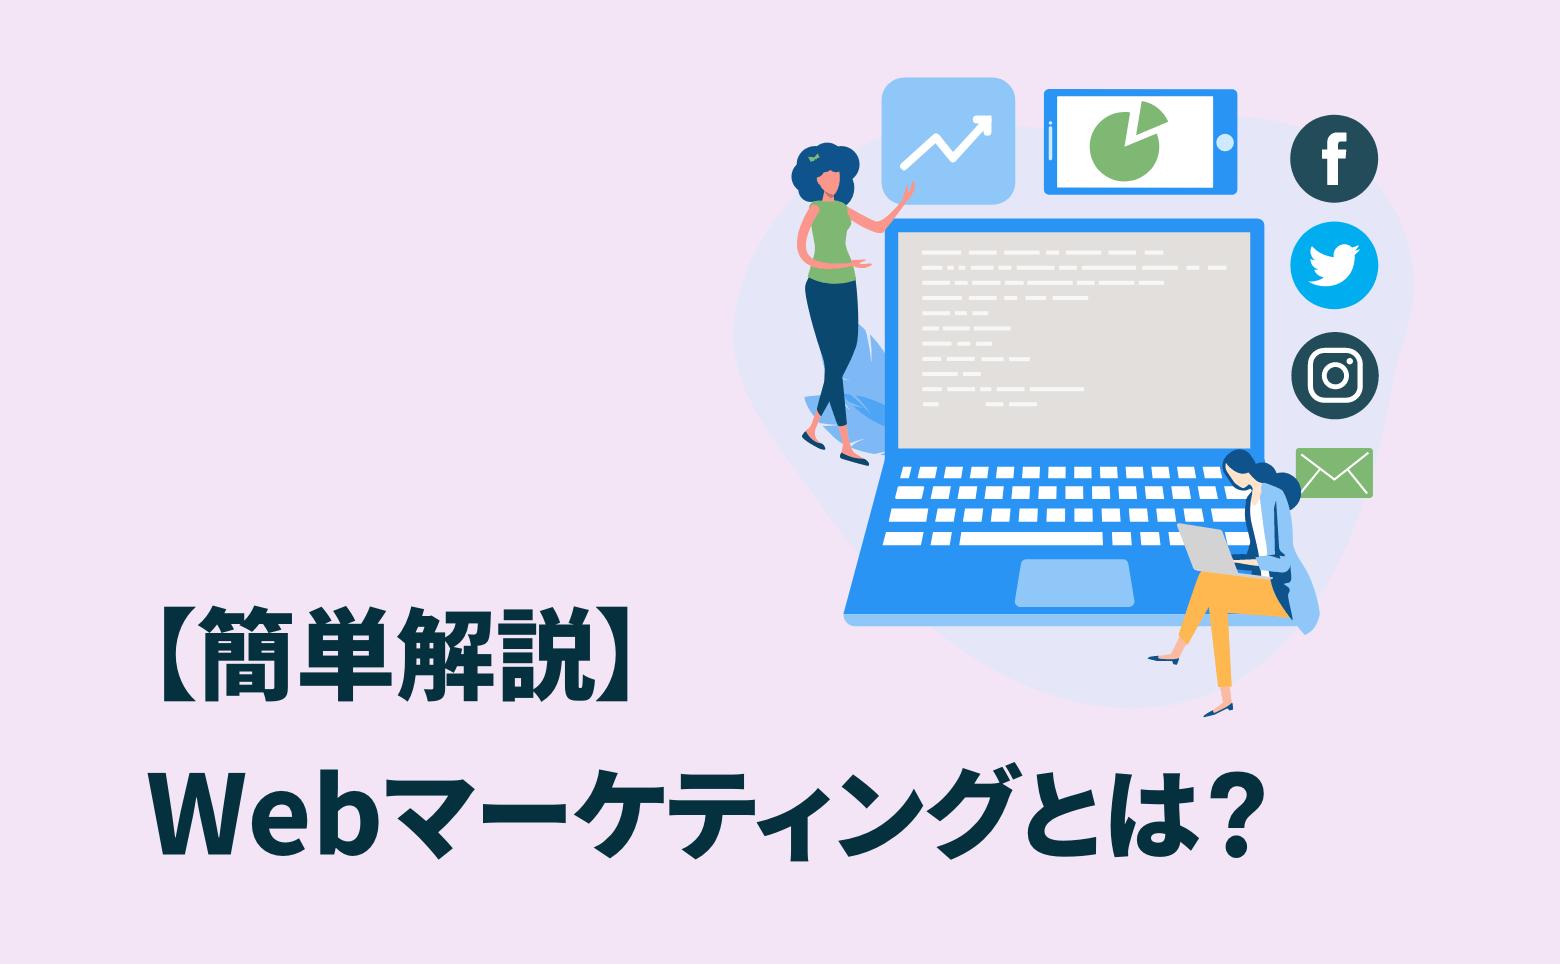 ゼロウェブマガジンの記事「【初心者向け】Webマーケティングとは一体どういうものなのか?簡単に解説します」のアイキャッチ画像